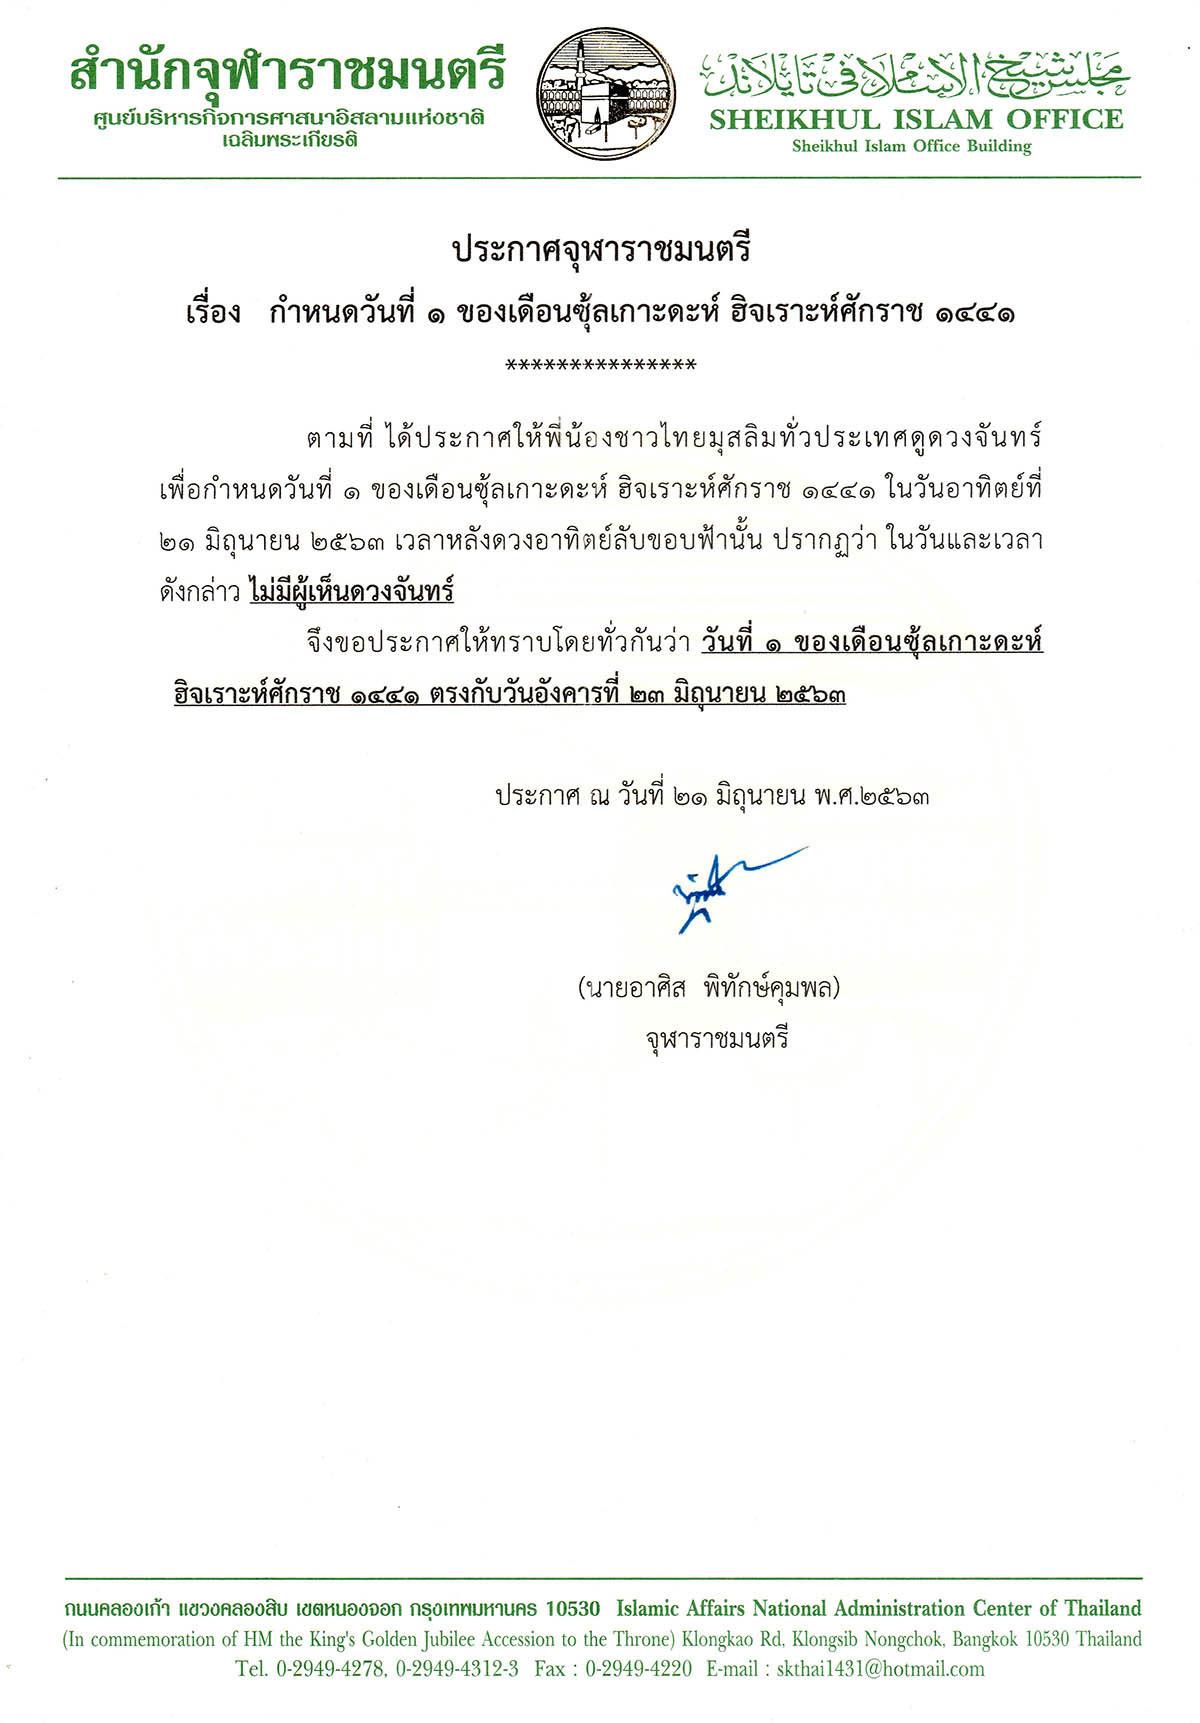 ประกาศจุฬาราชมนตรี เรื่อง กำหนดวันที่ 1 ของเดือนซุ้ลเกาะดะห์ ฮิจเราะห์ศักราช 1441